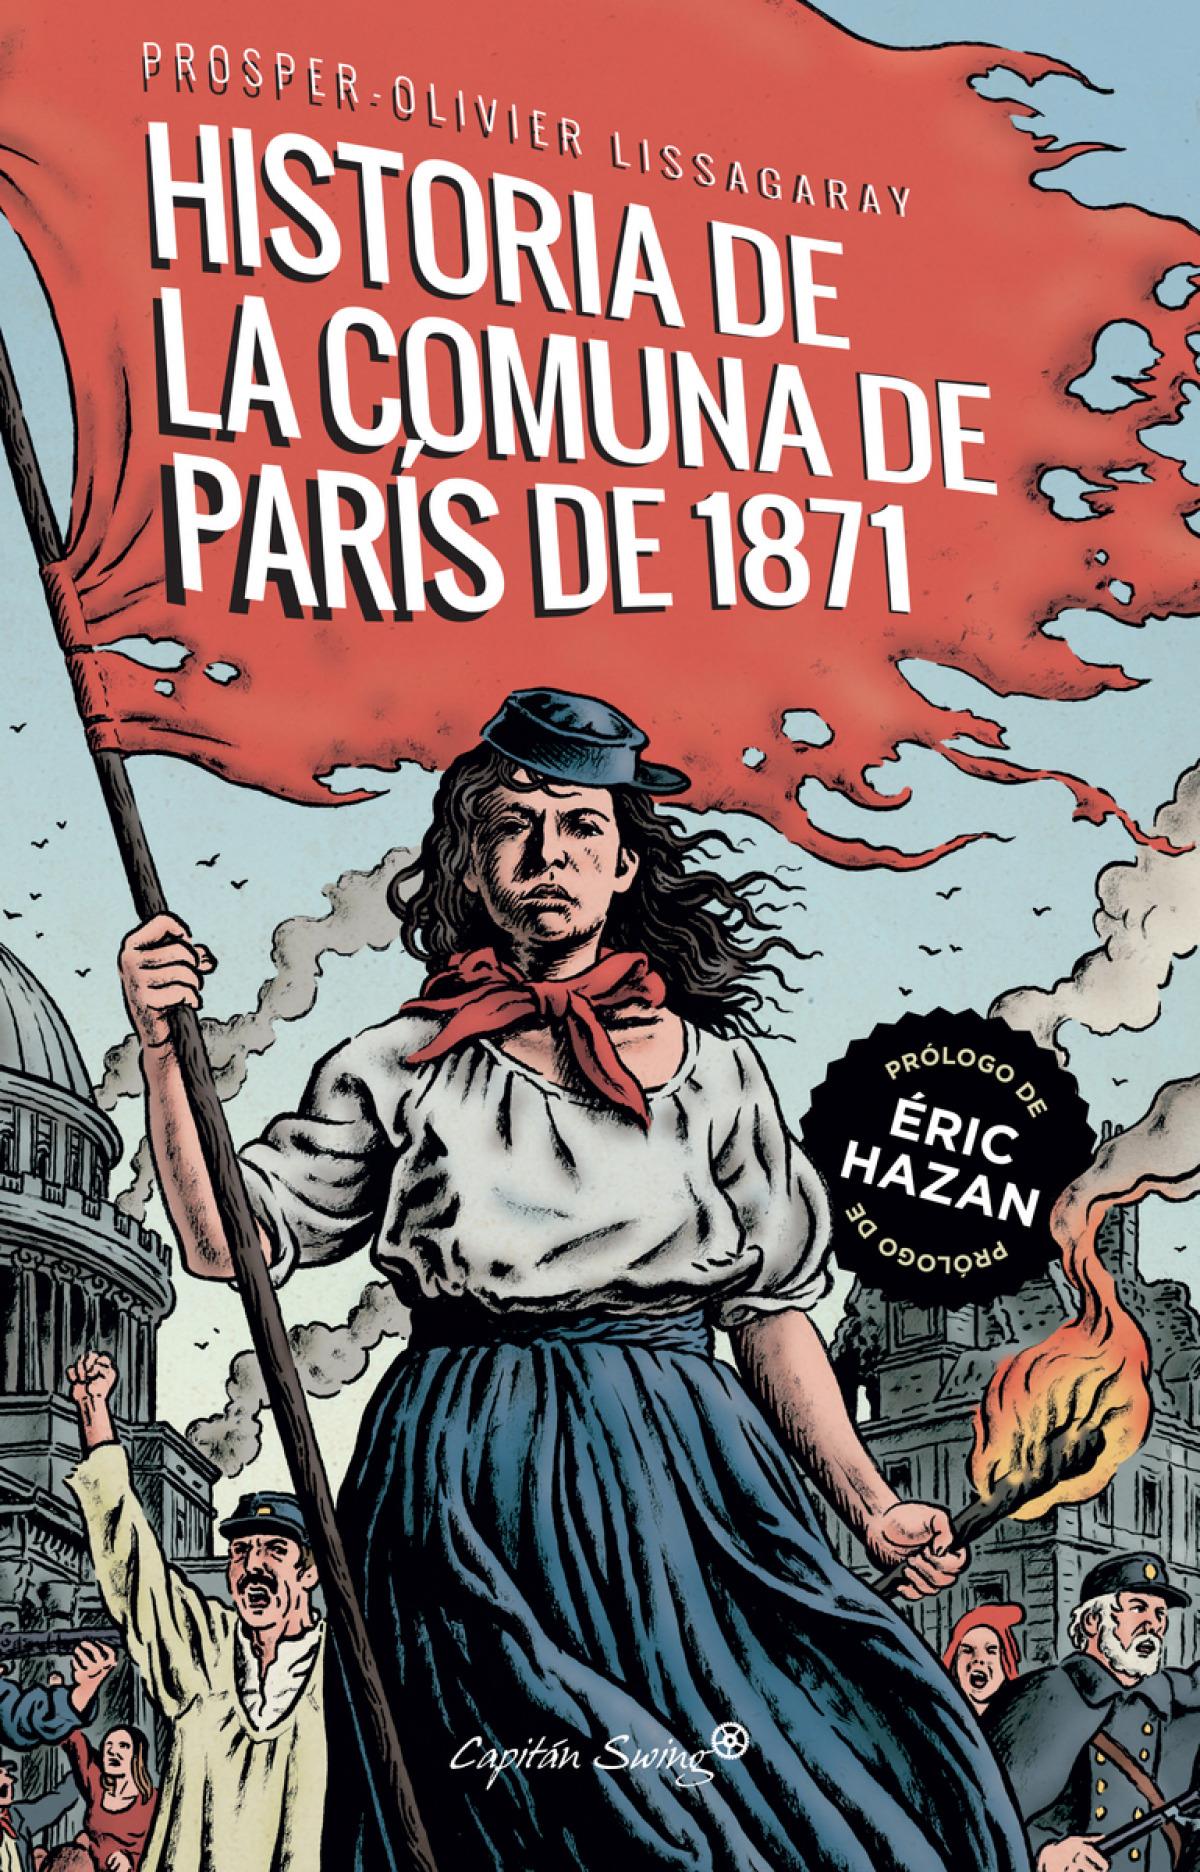 La historia de la comuna de París de 1871